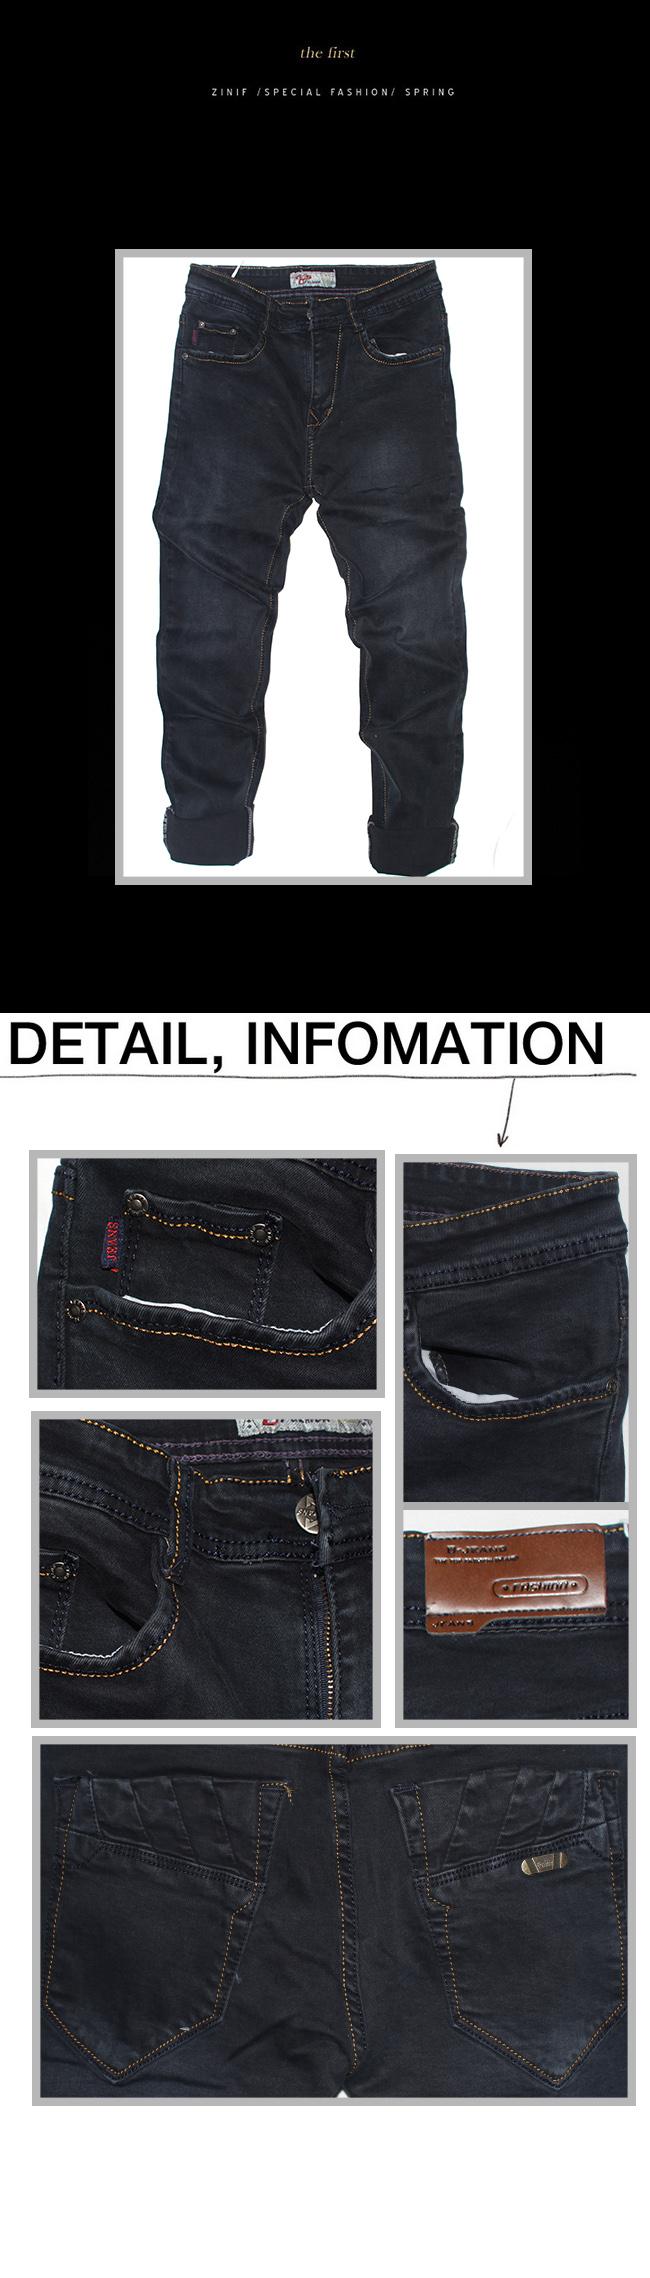 Quần jean xanh đen qj1115 - 1